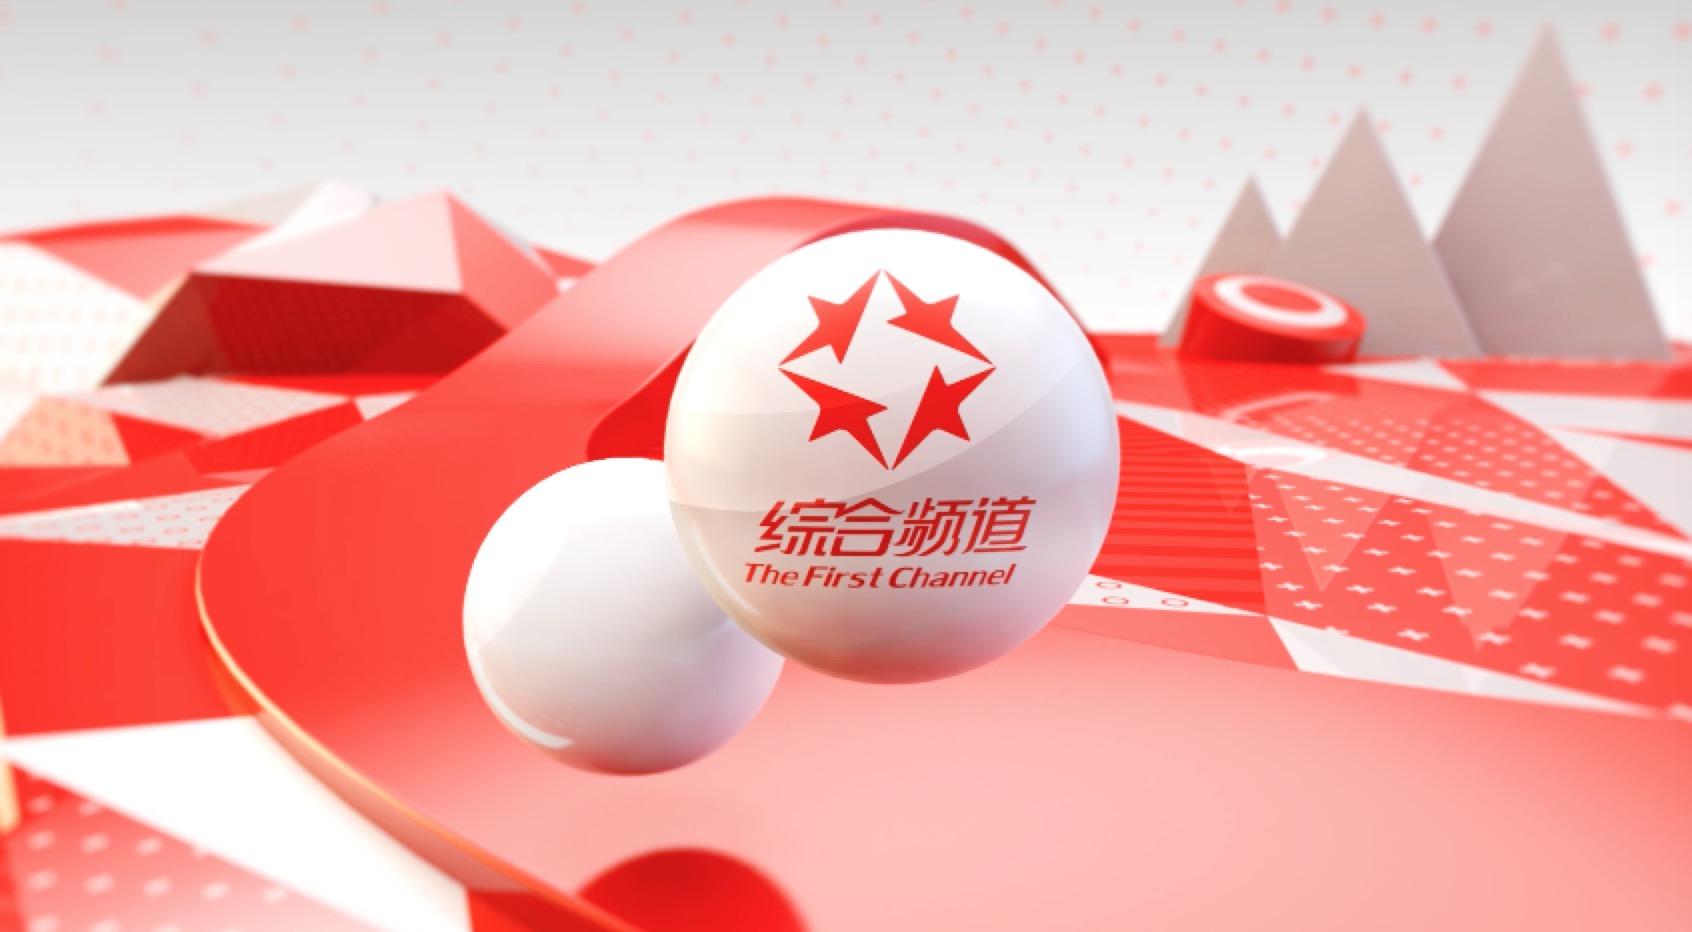 2017年《海南综合频道》改版包装